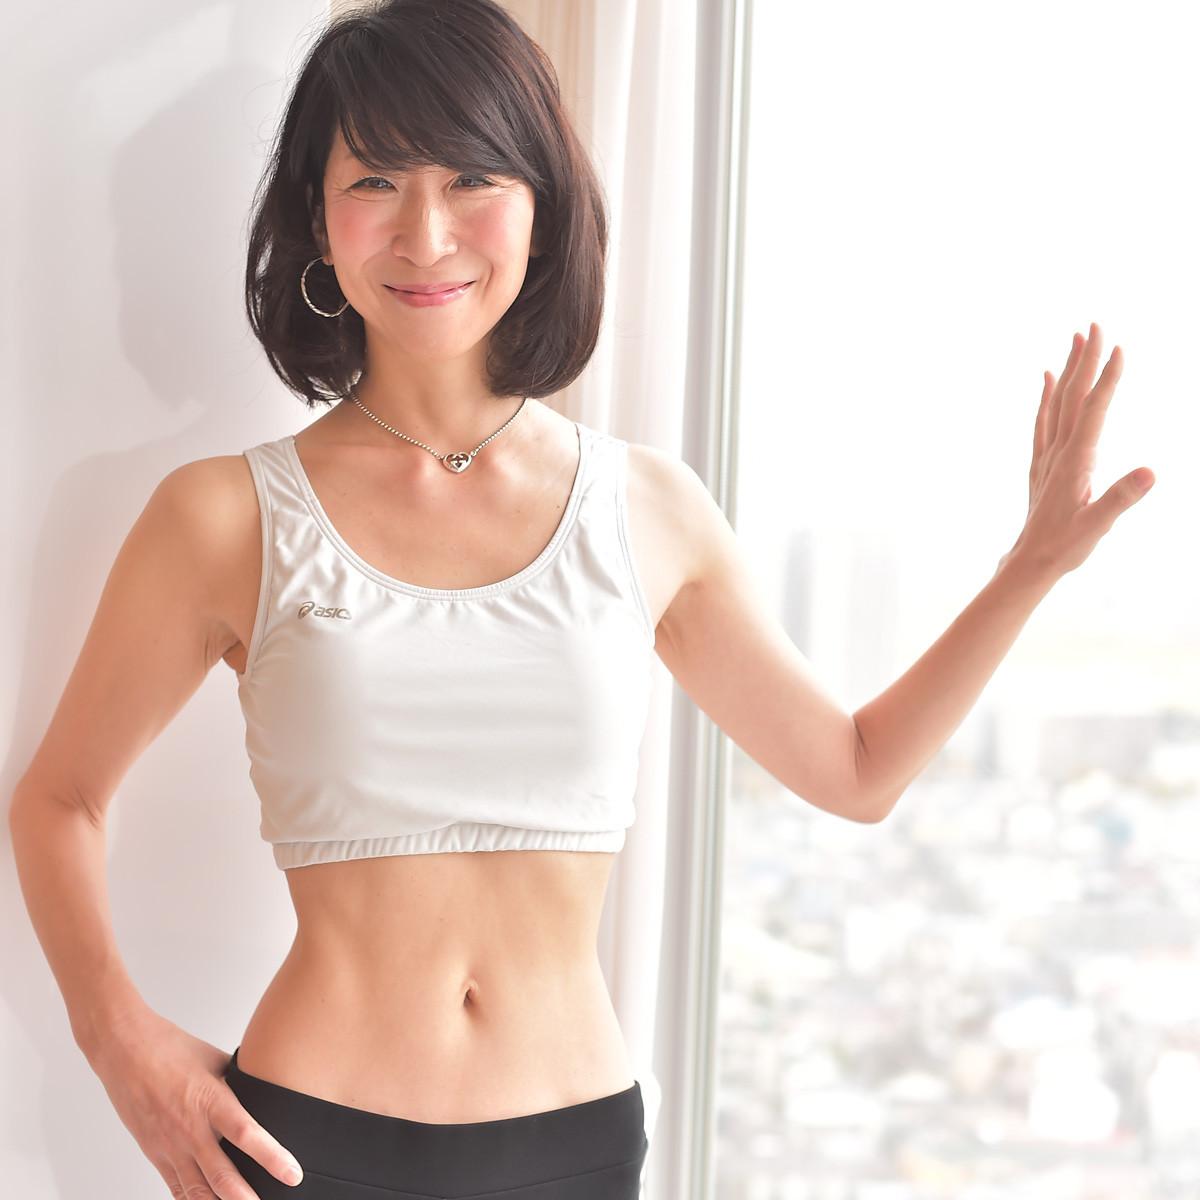 健康運動指導士 植森美緒さん